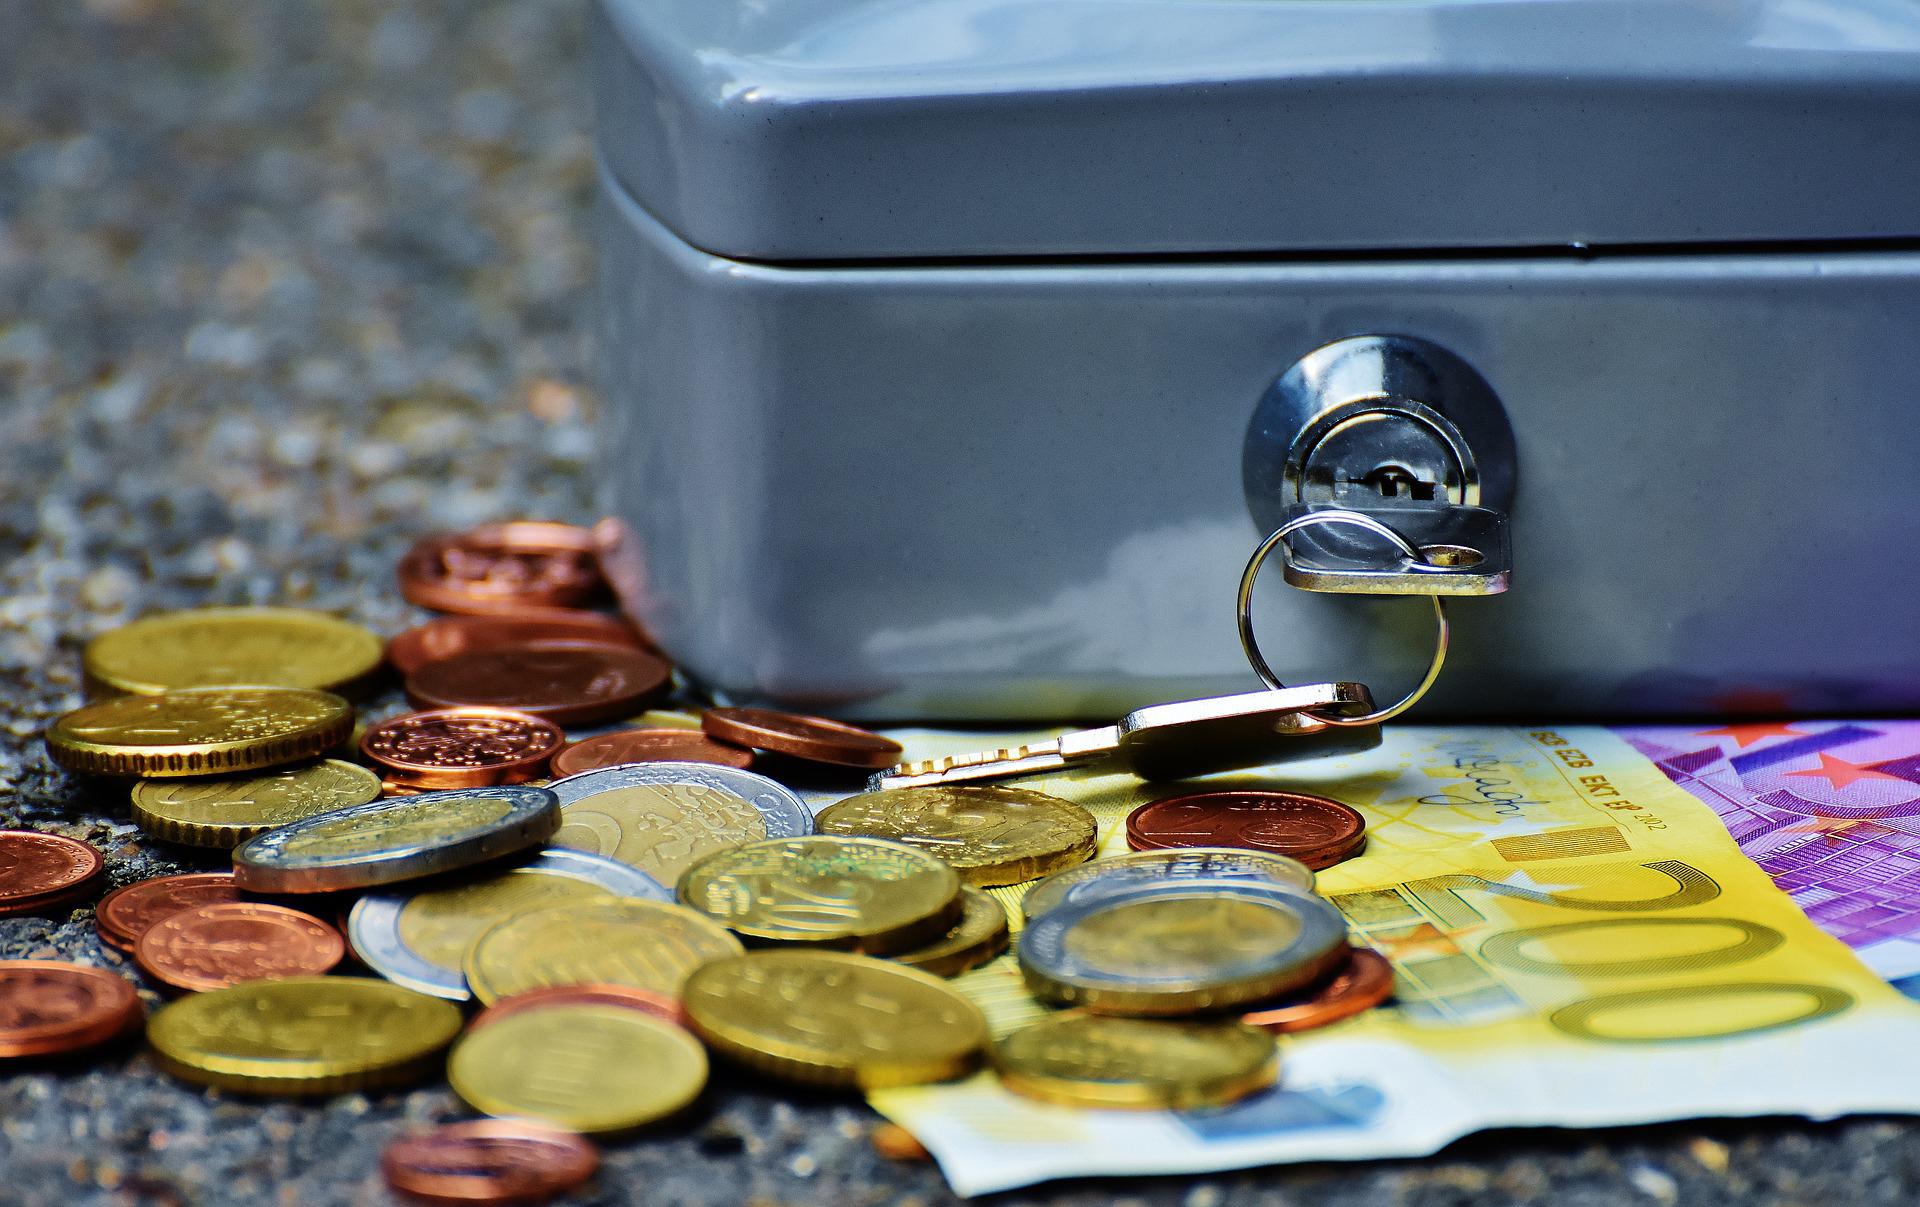 Rekening-courantschuld van invloed op pensioenuitkering?